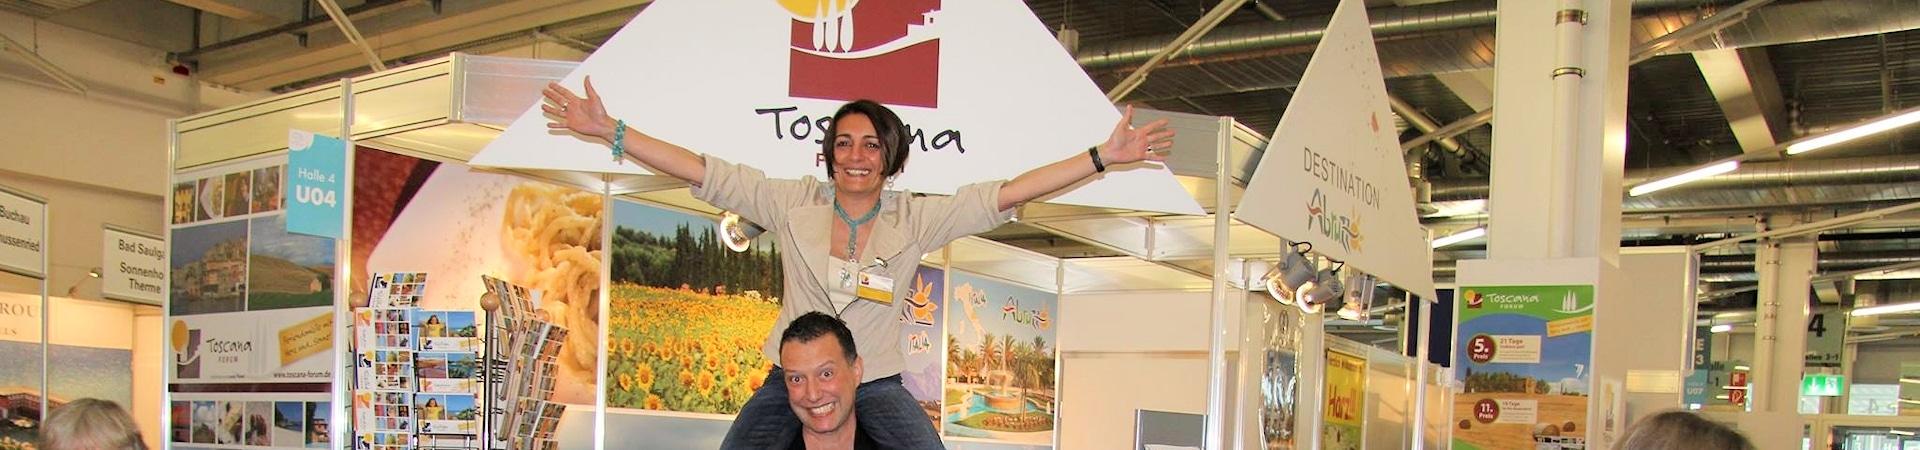 15 Jahre Toscana Forum